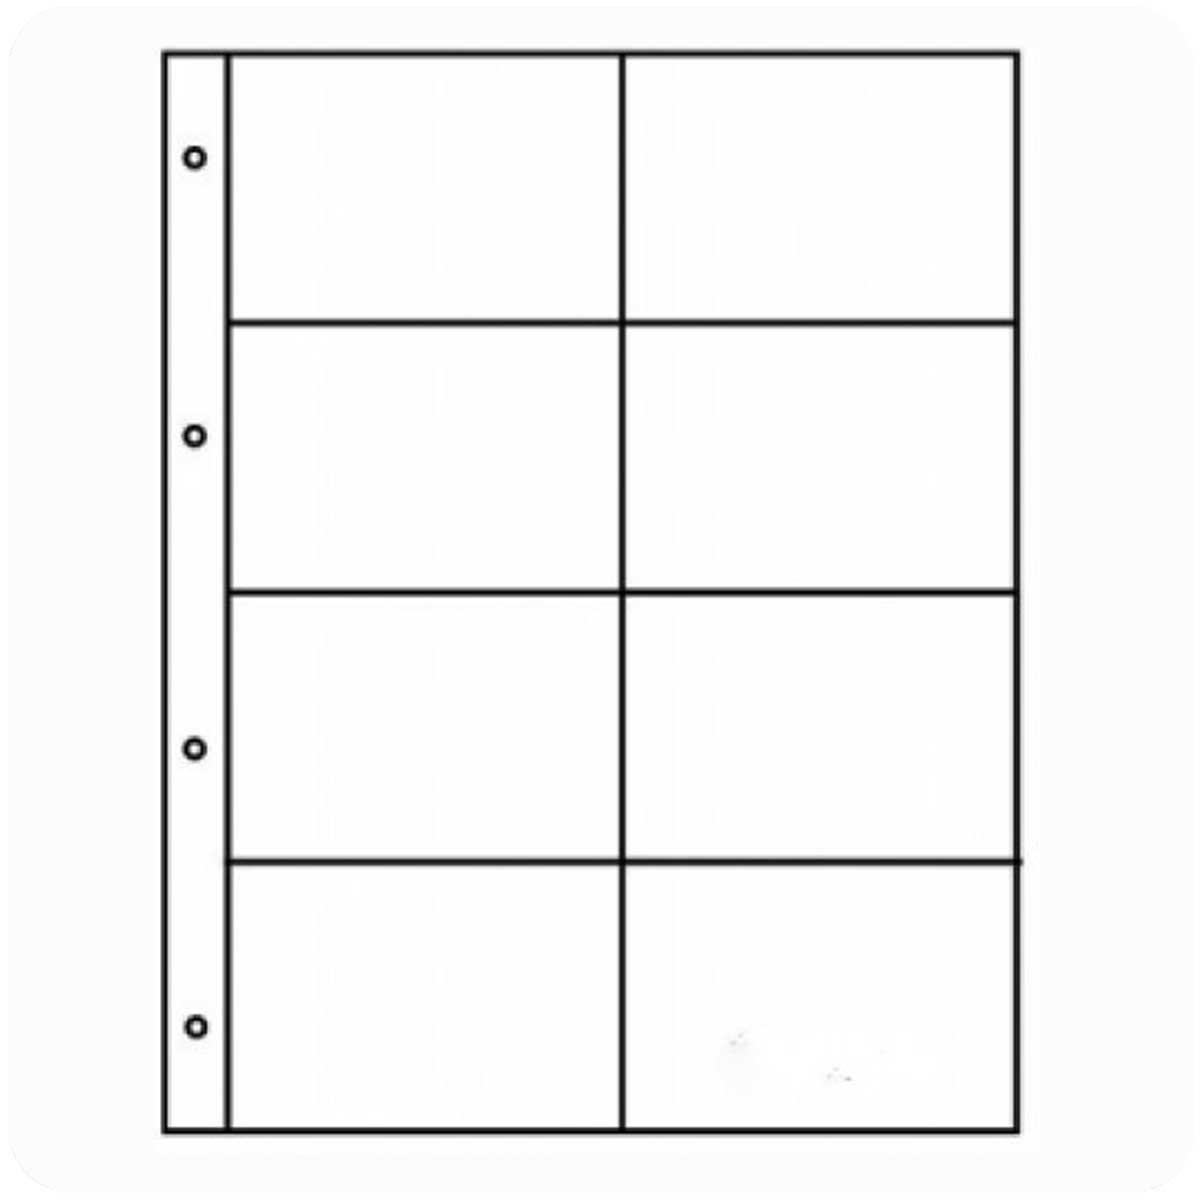 Лист на 8 ячеек в альбом для хранения БОН или горизонтальных календарей. Формат ГРАНД